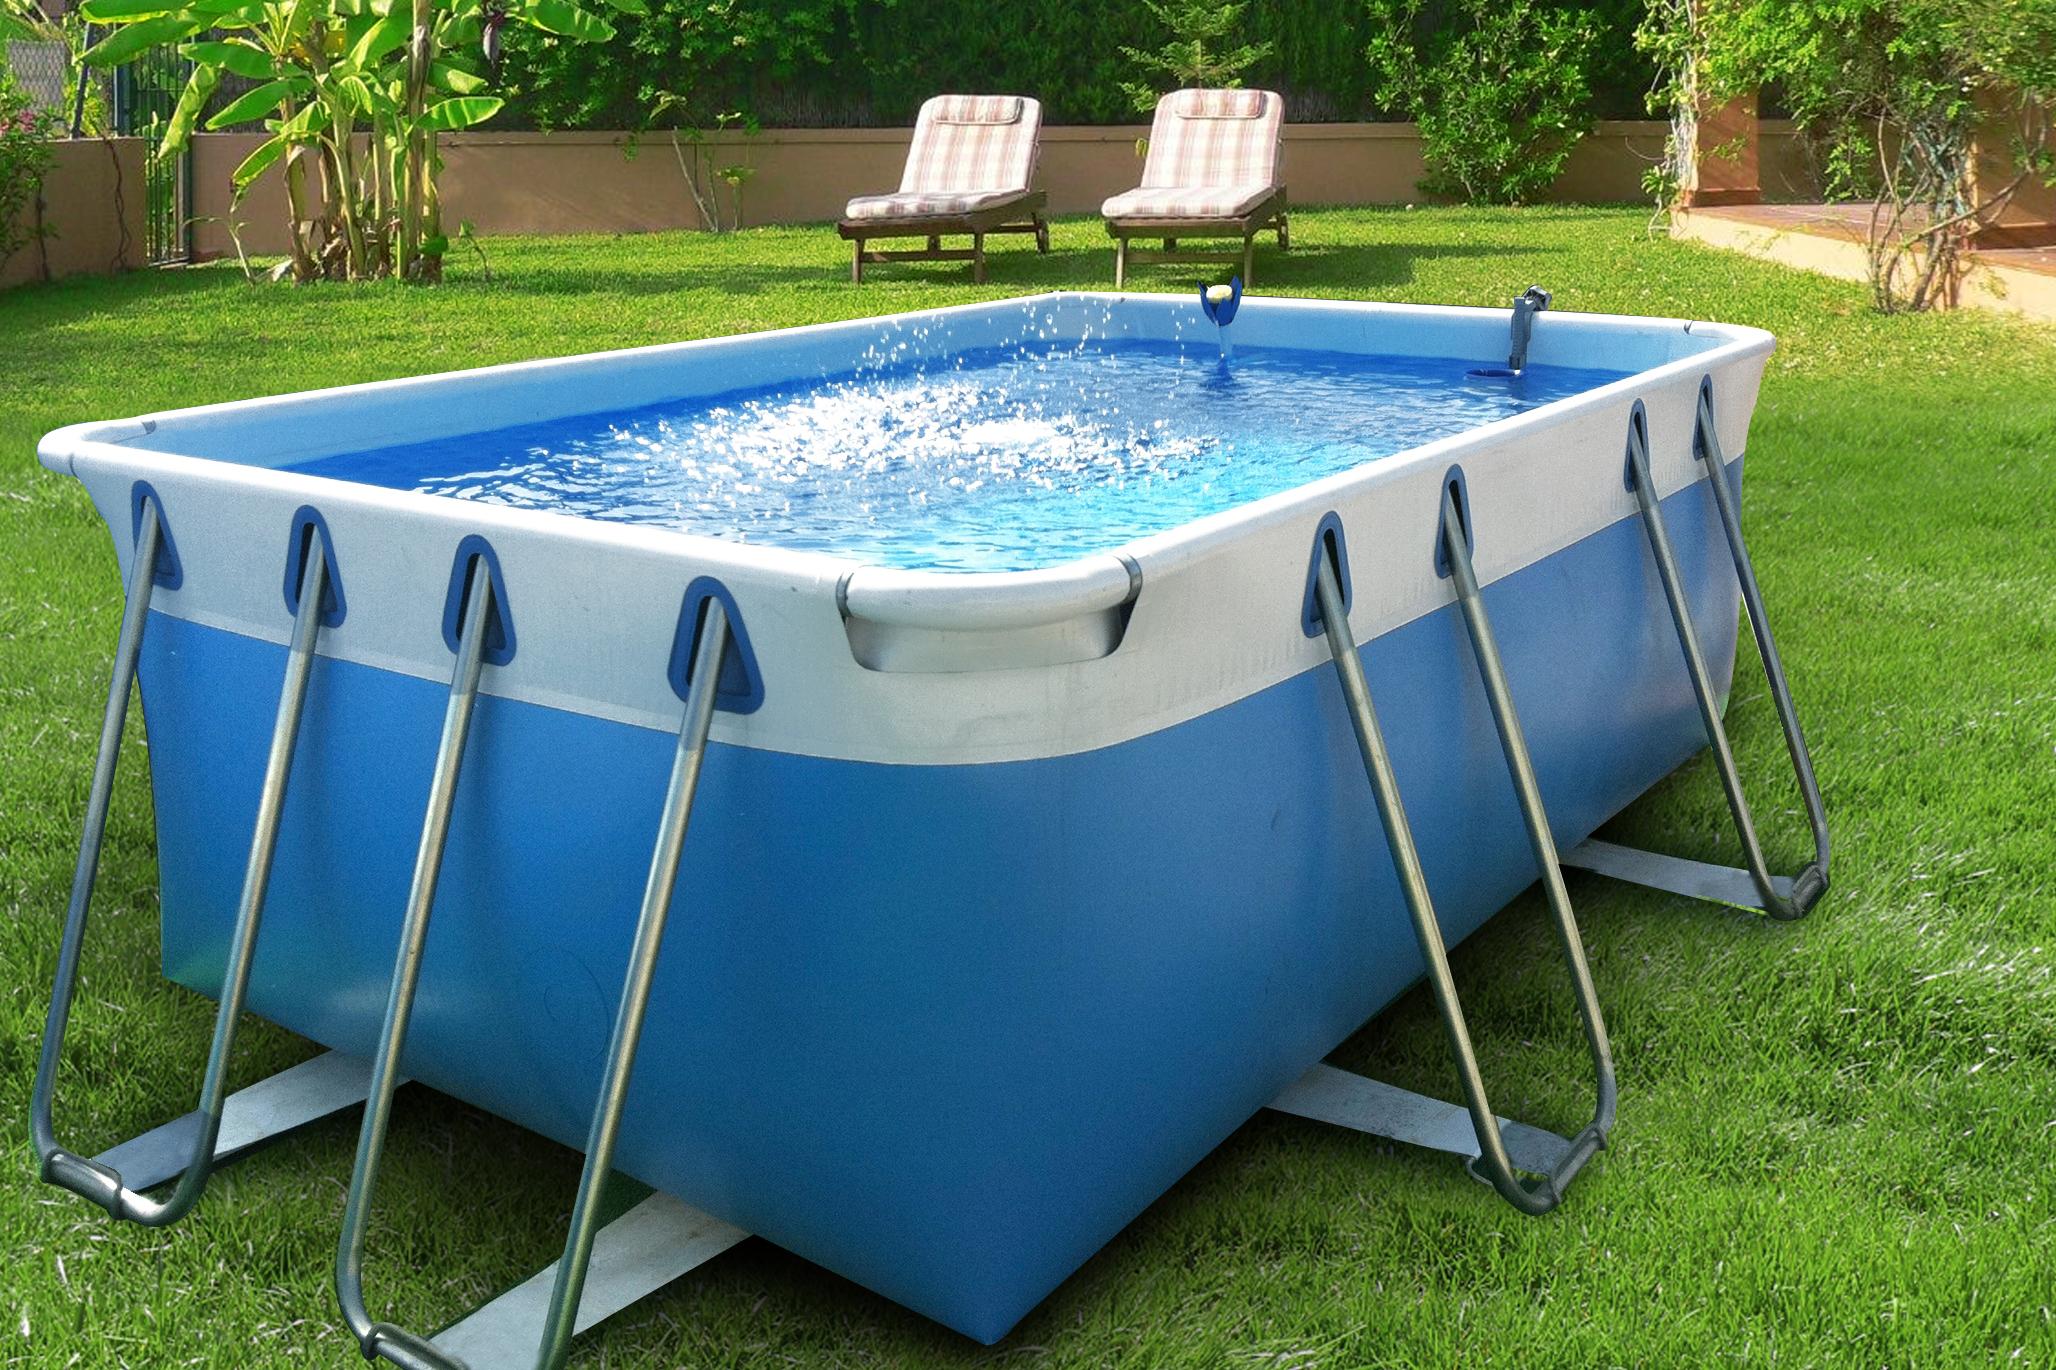 Piscine fuori terra intex agribrianza for Teli per coprire piscine fuori terra